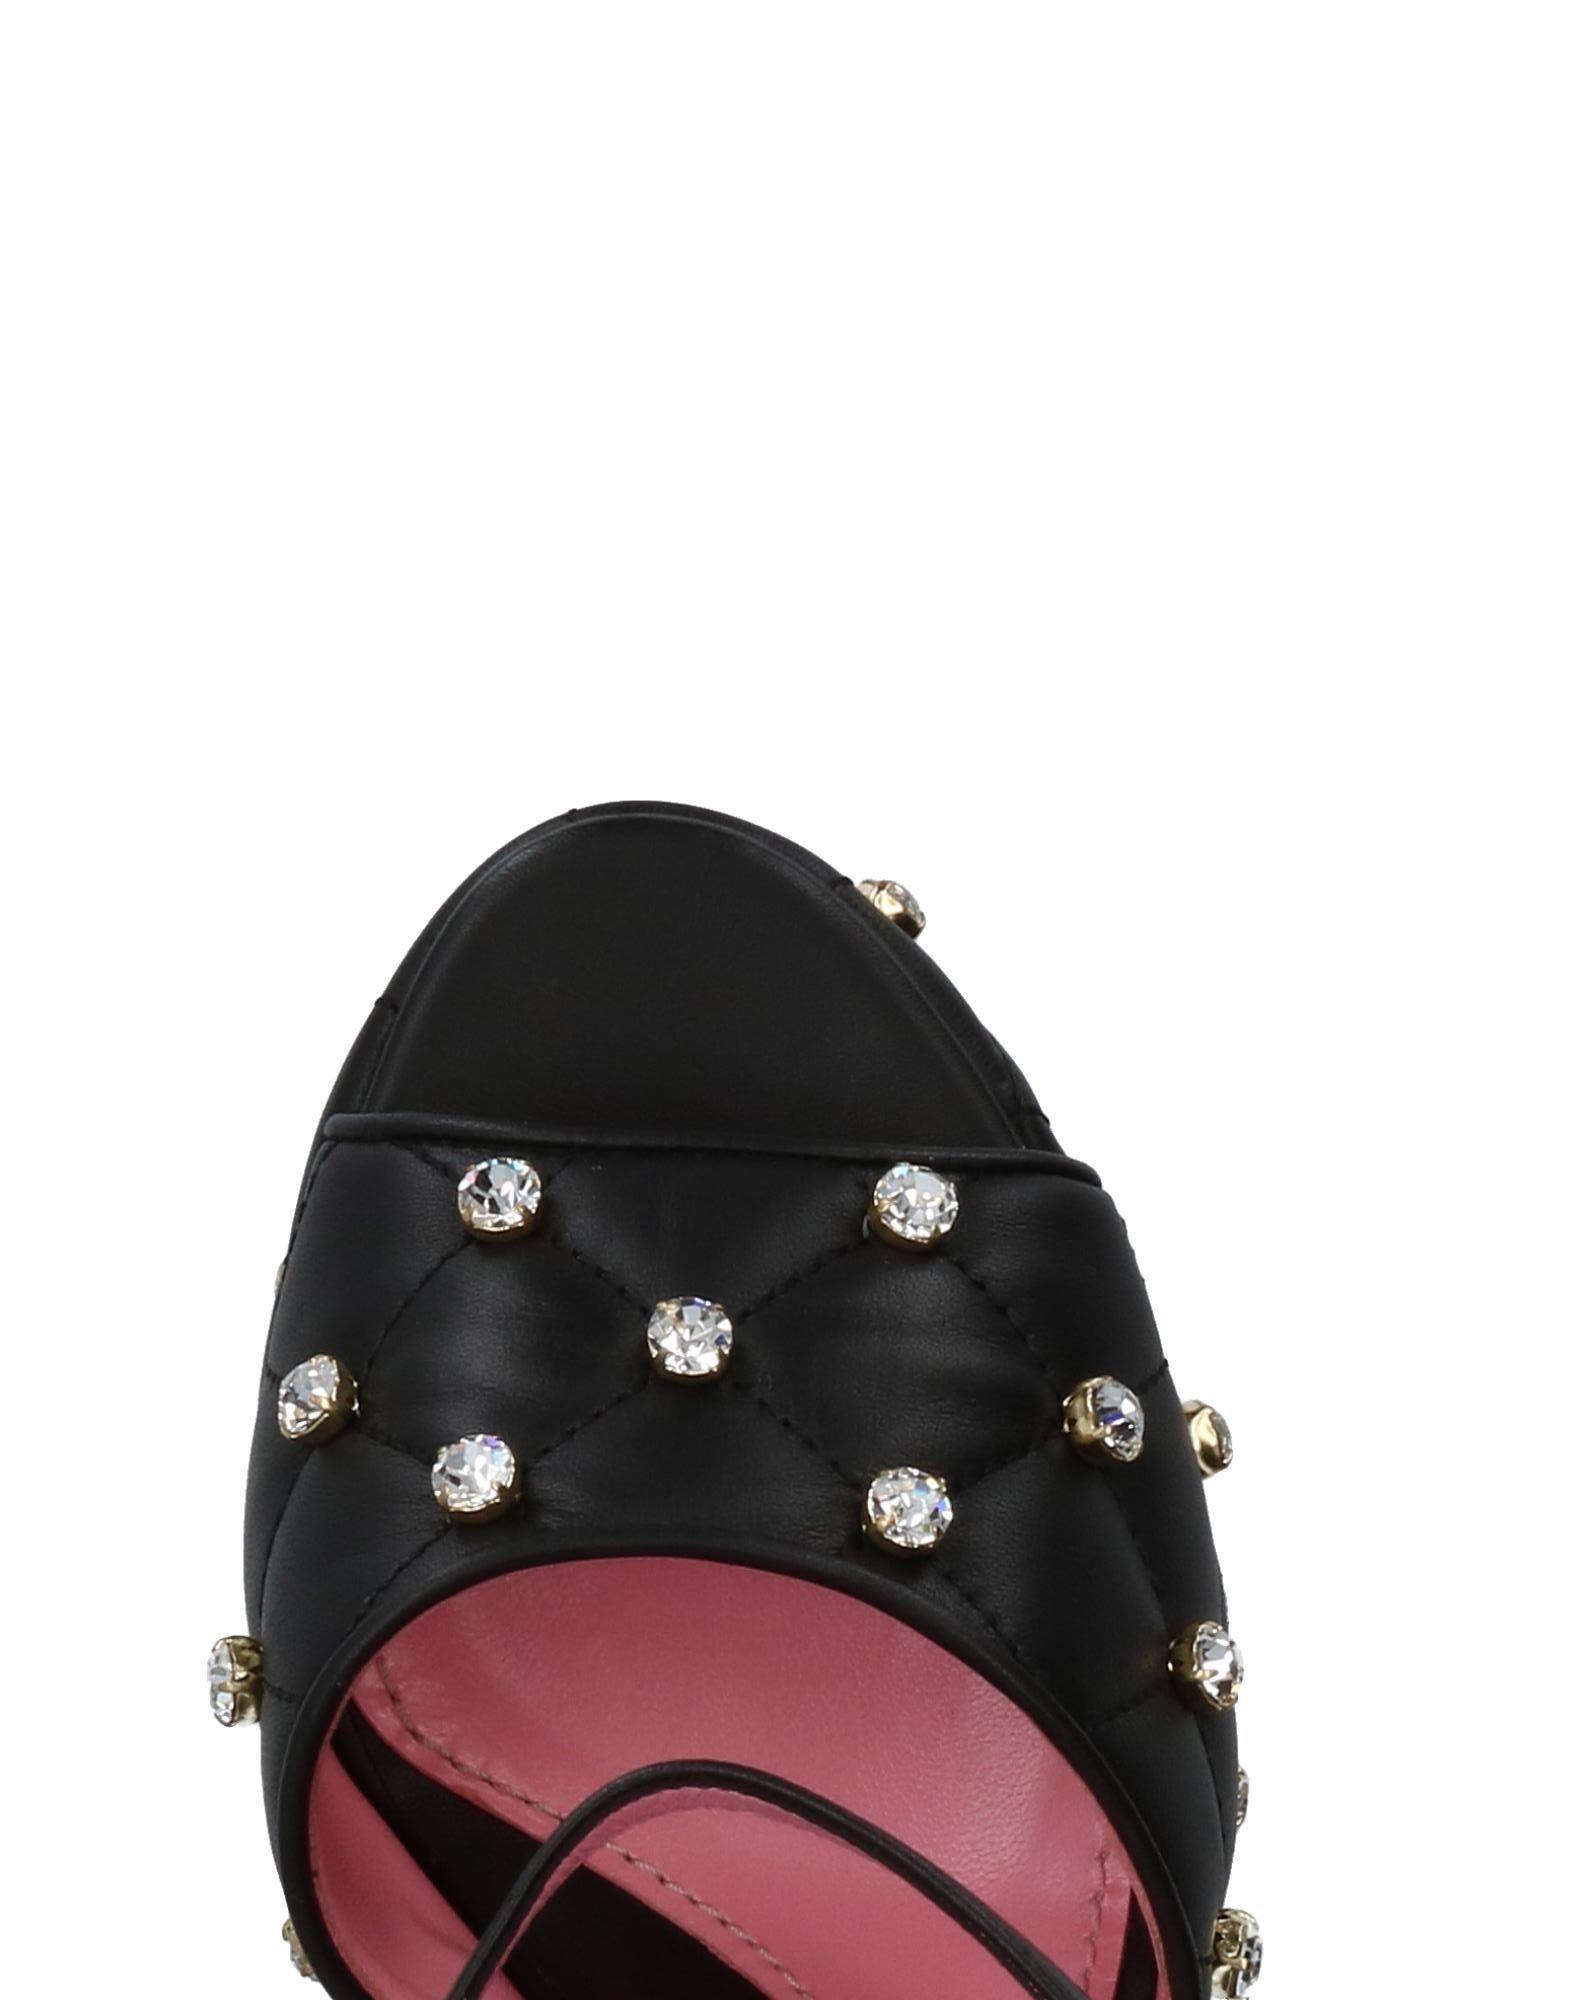 Haltbare Mode billige Schuhe Moschino Sandalen Damen  11341294II Heiße Schuhe